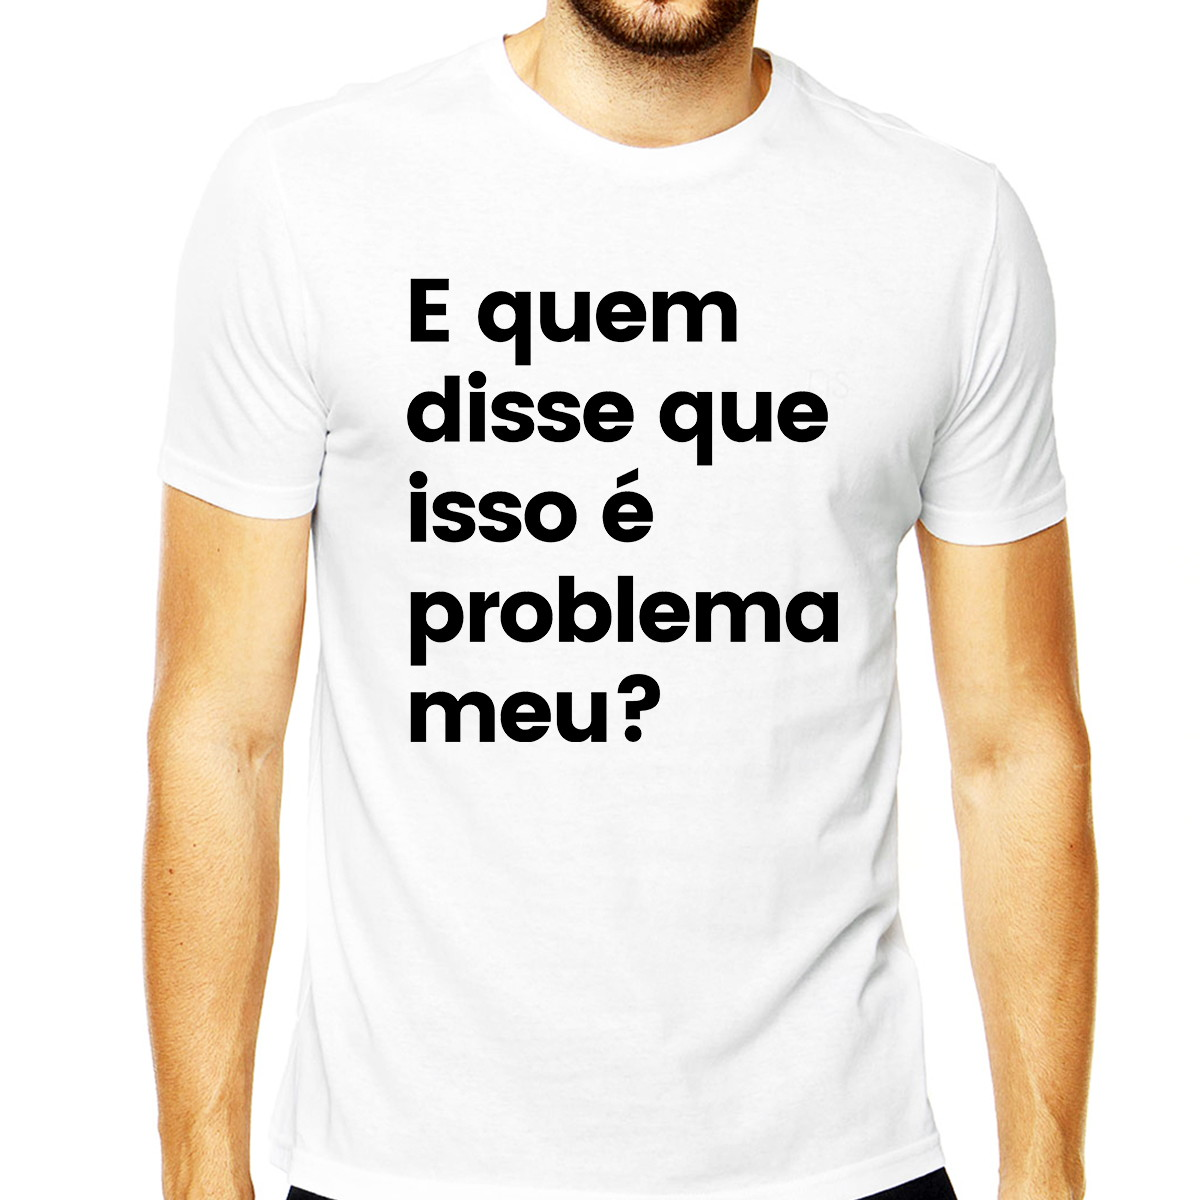 Camiseta Masculina Frases E Quem Disse Que Isso é Problema